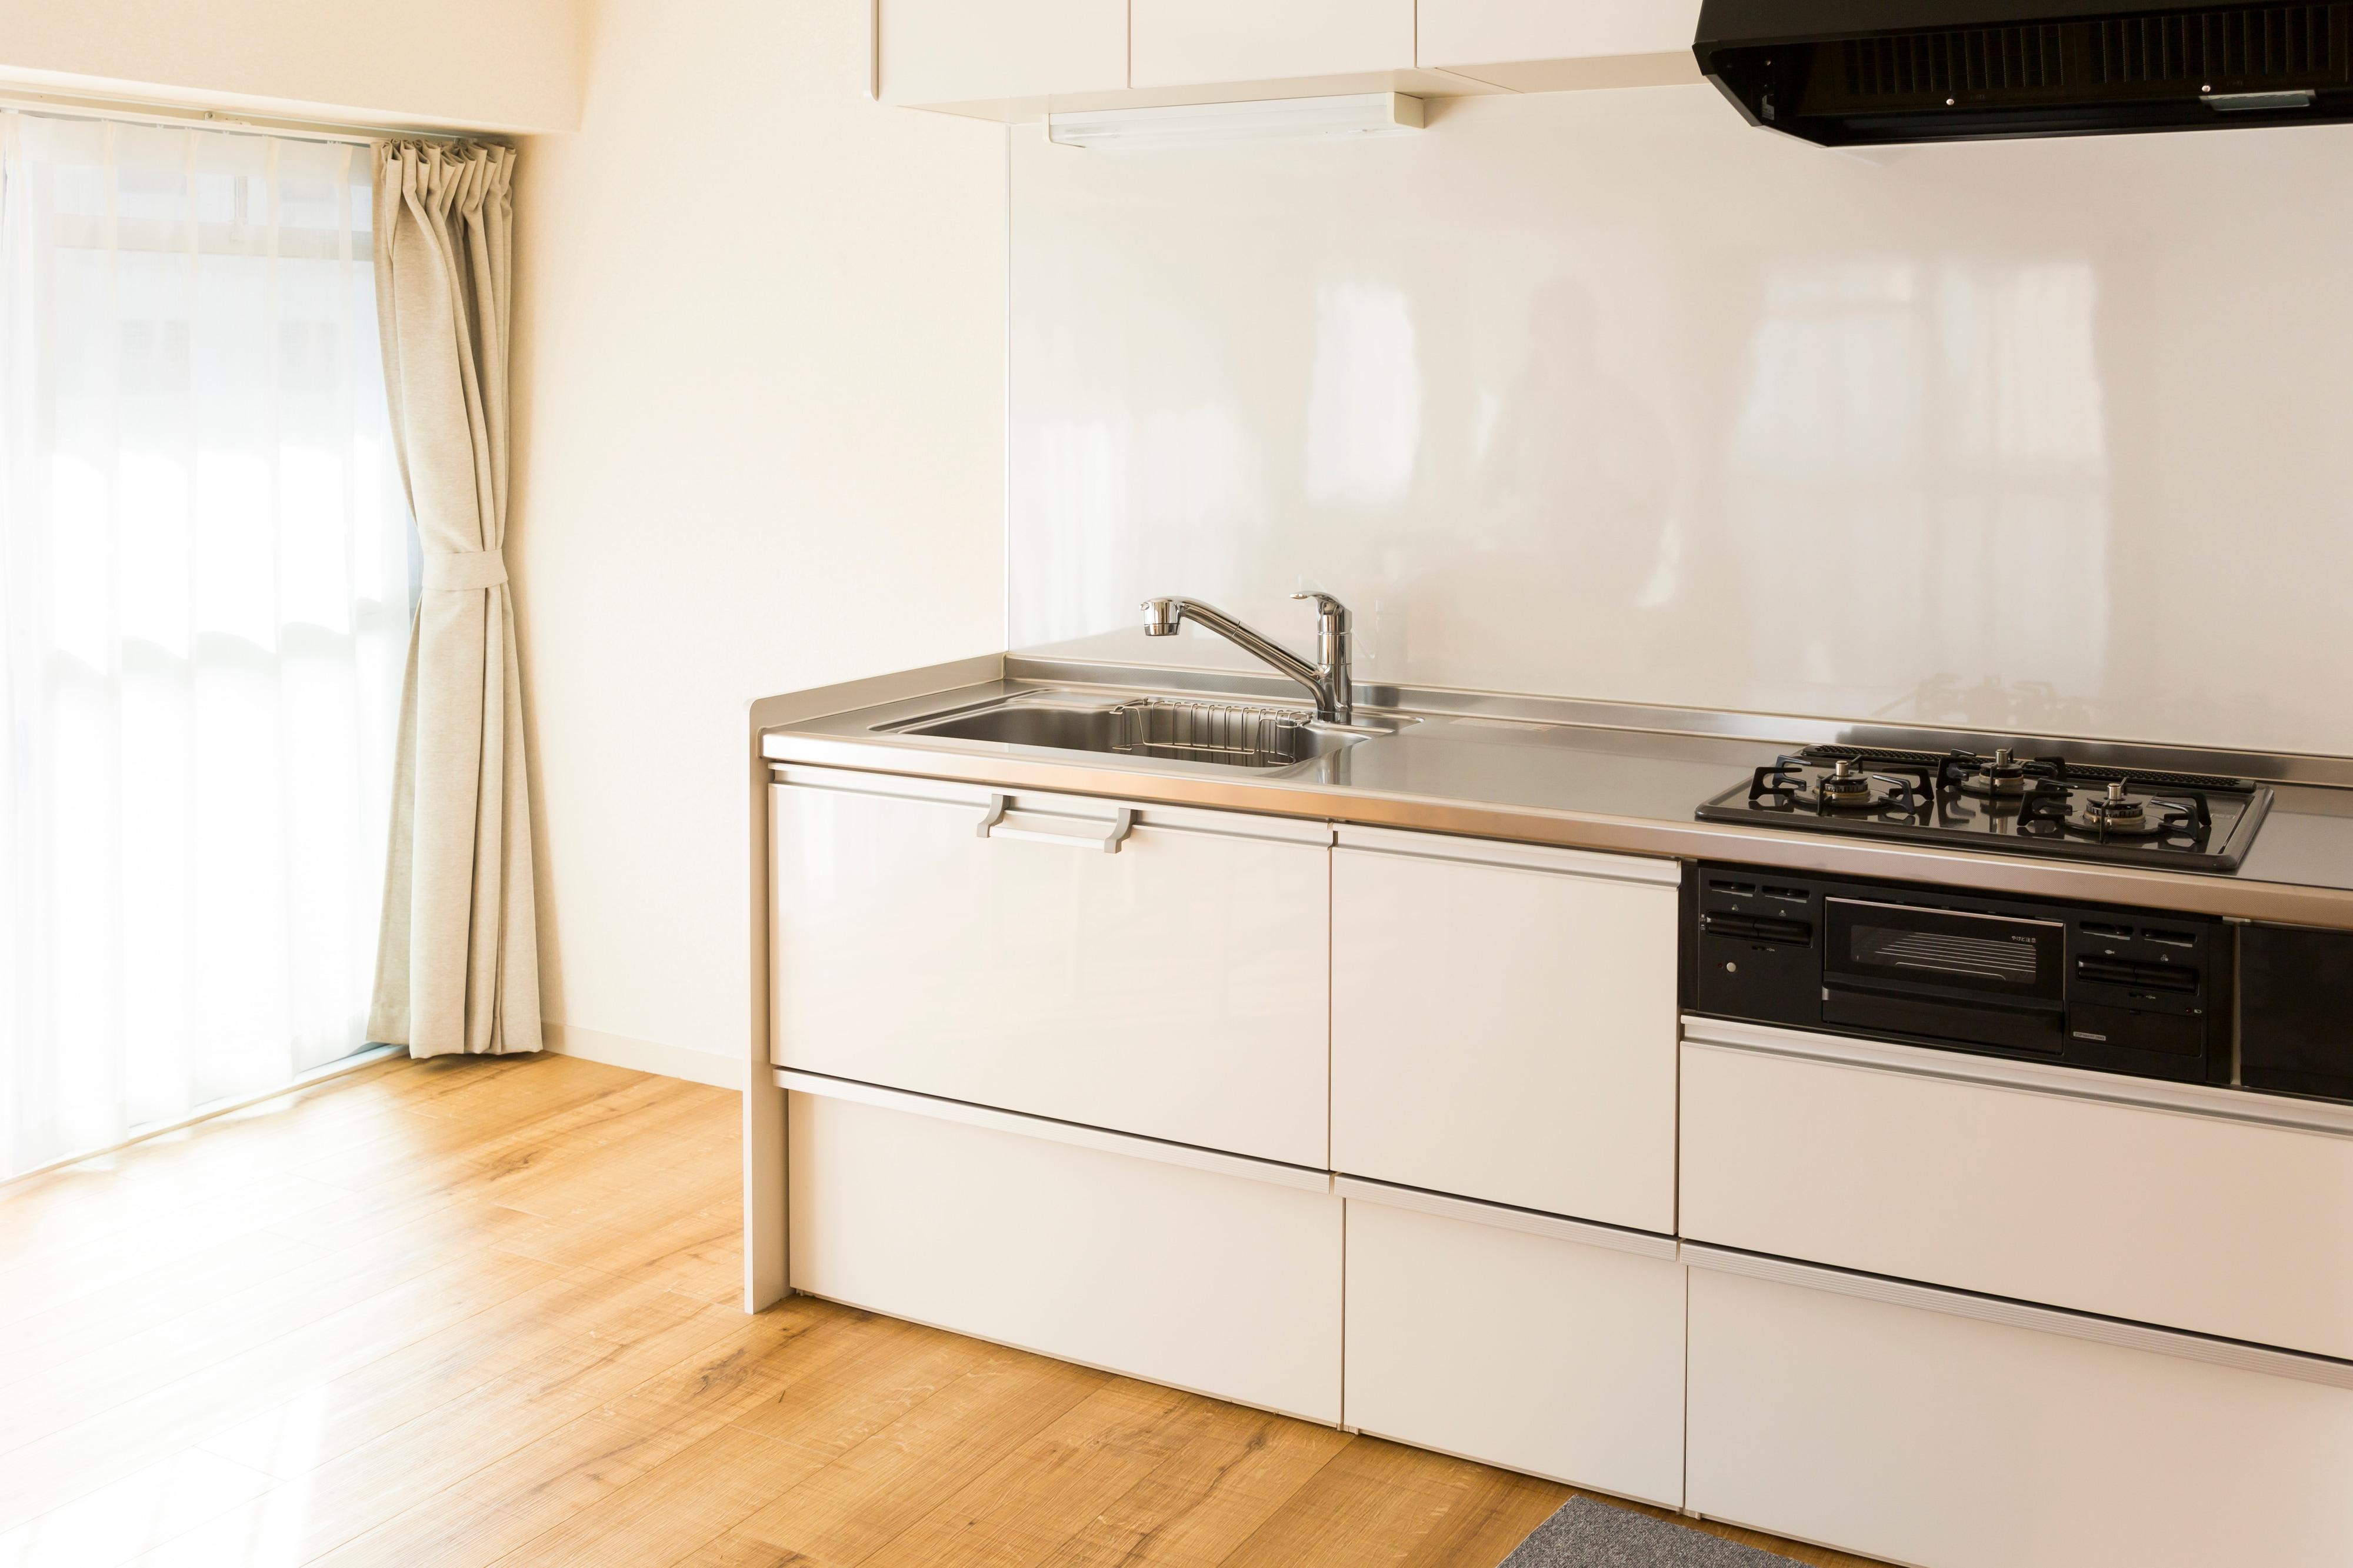 キッチンの床・壁 リフォーム会社紹介サイト「ホームプロ」